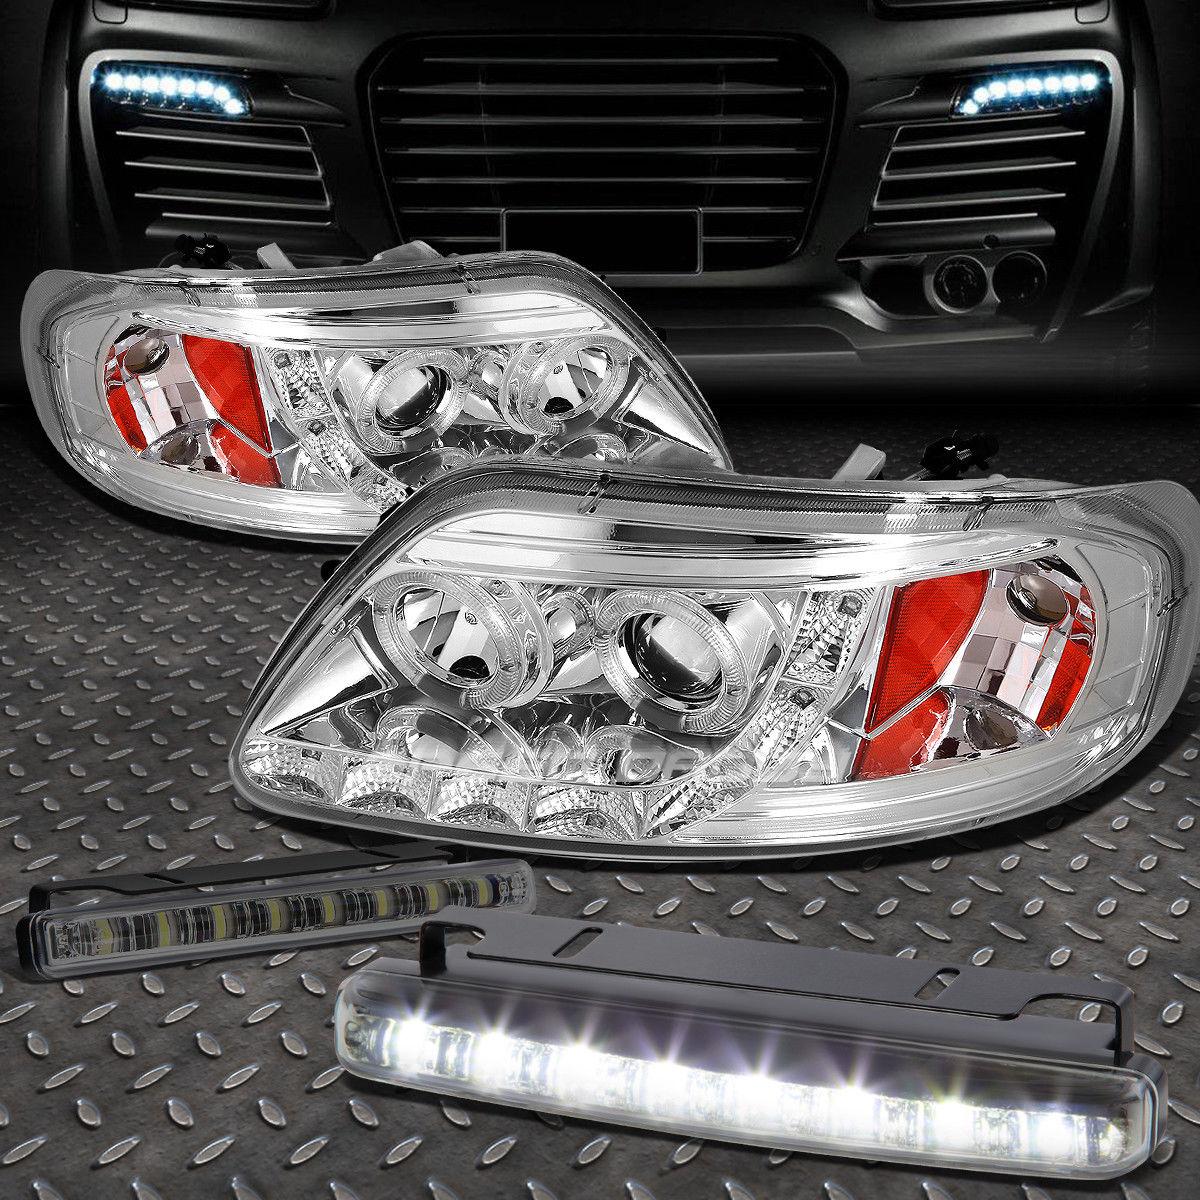 フォグライト CHROME AMBER HALO PROJECTOR 1PC HEADLIGHT+8 LED SMOKE FOG LIGHT FOR 97-03 F150 CHROME AMBERハロープロジェクター1PCヘッドライト+ 8 LED SMOKE FOGライトfor 97-03 F150